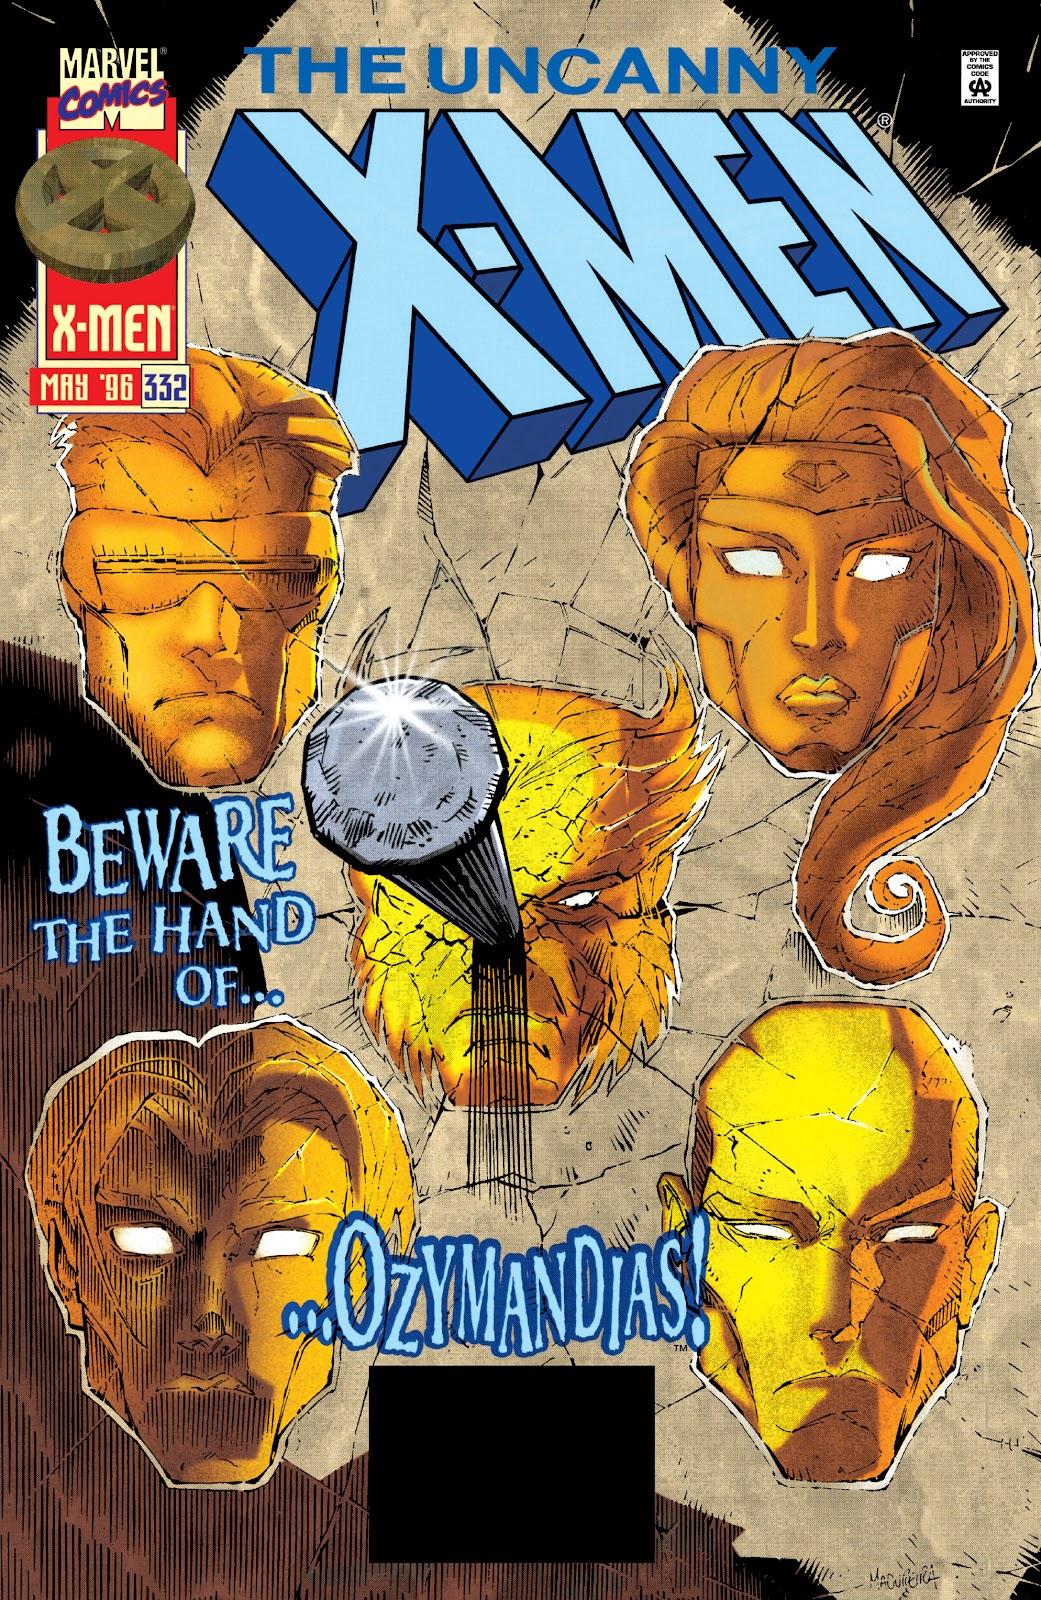 Uncanny X-Men (1963) 332 Page 1